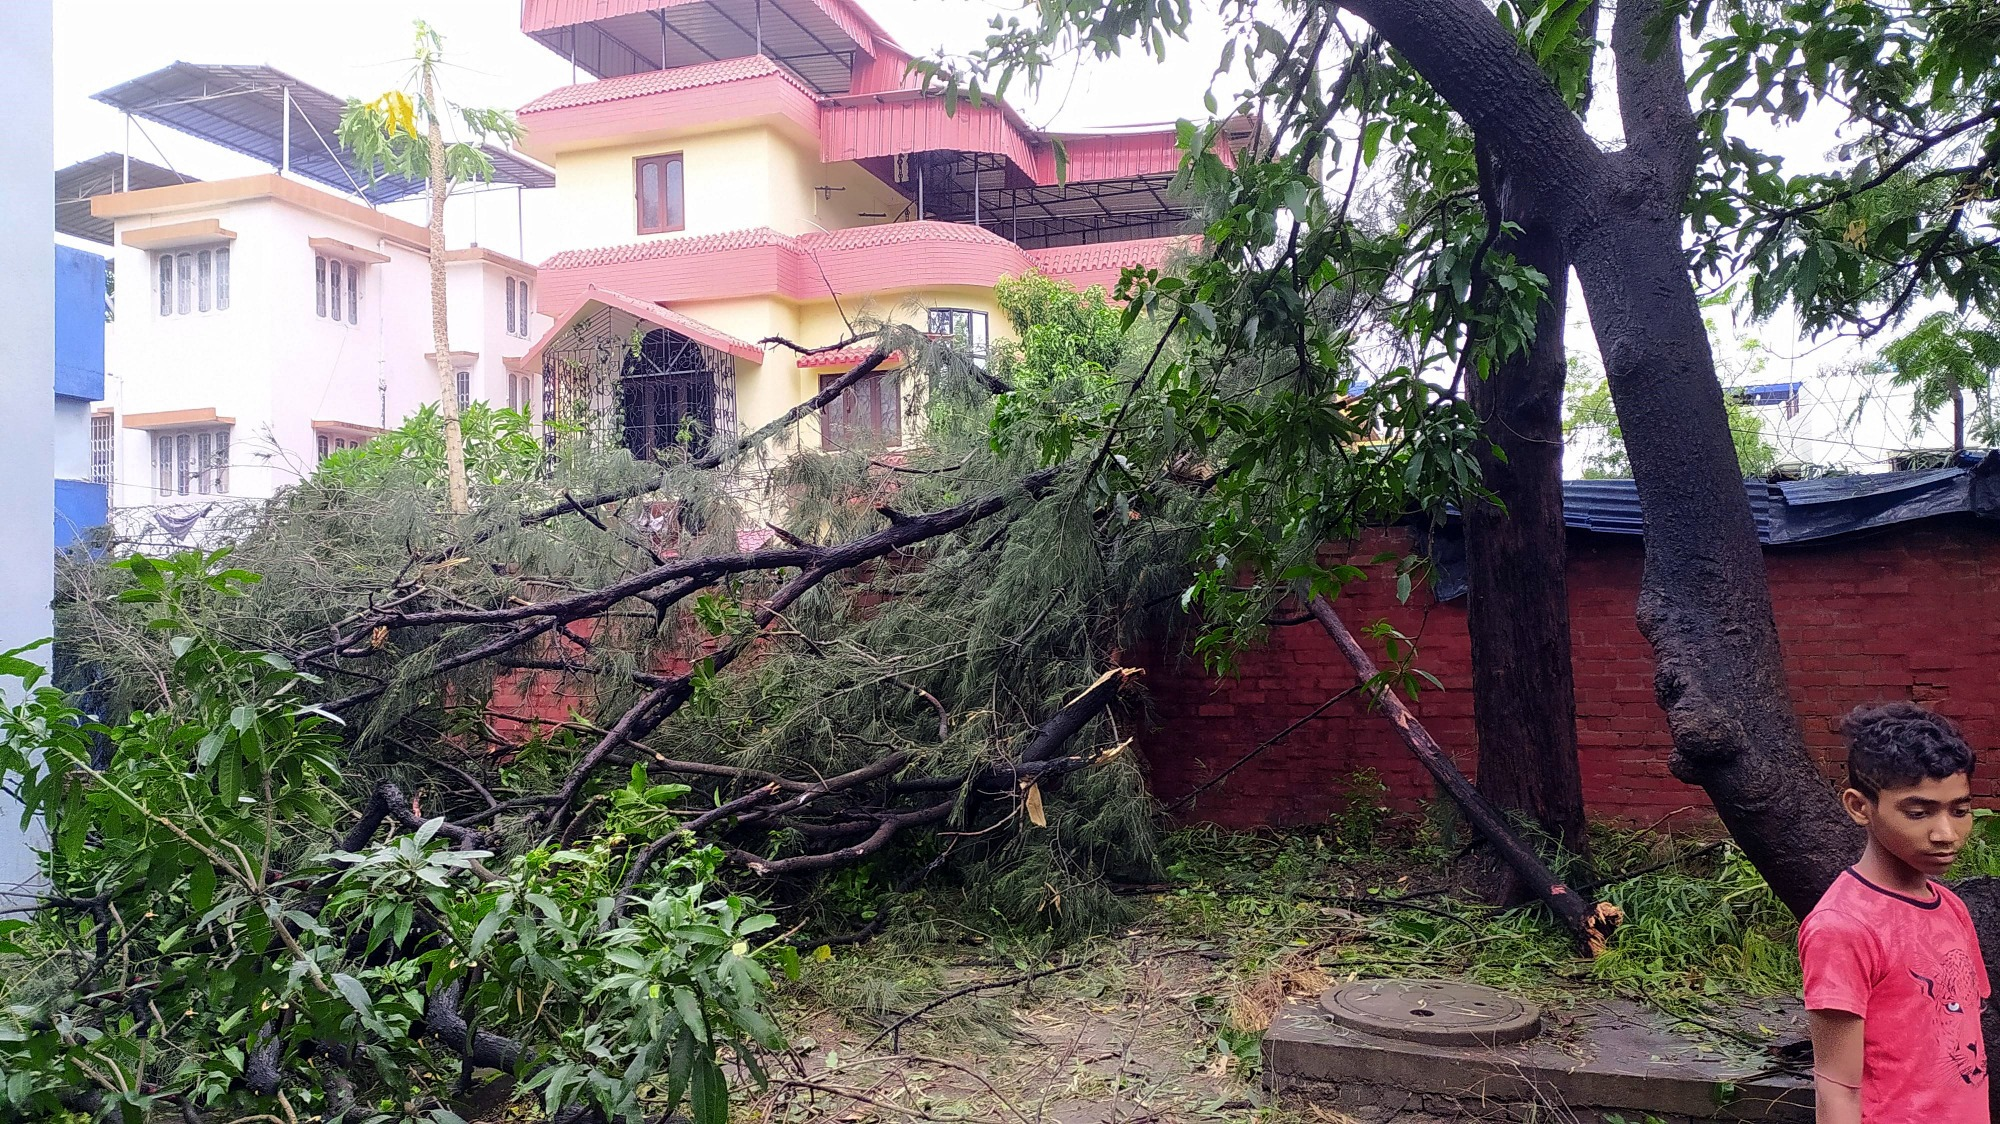 In Indien und Bangladesch richten die Zyklone massive Schäden an.